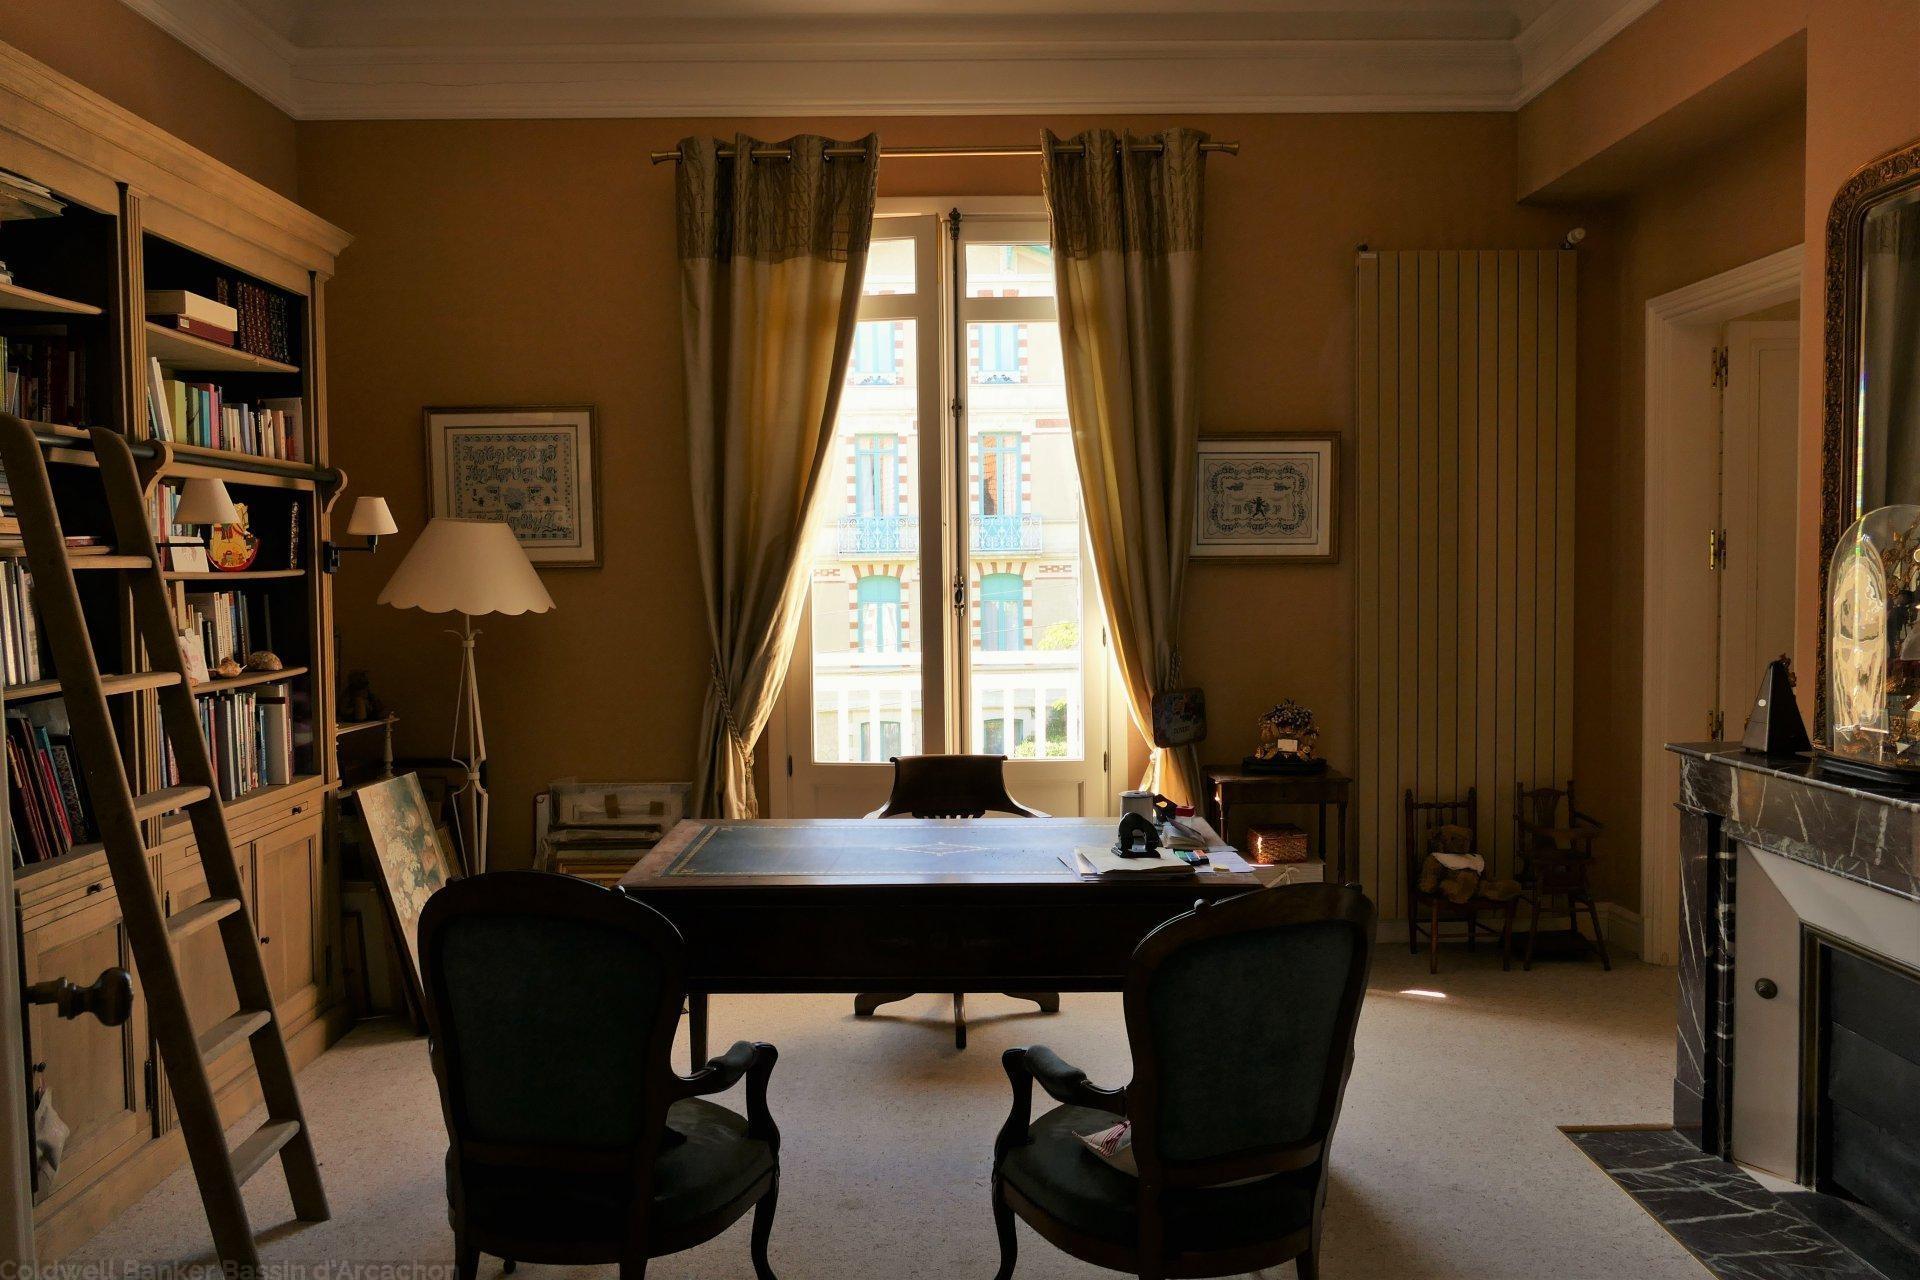 Acheter villa arcachonnaise exceptionnelle de standing ville d'hiver arcachon